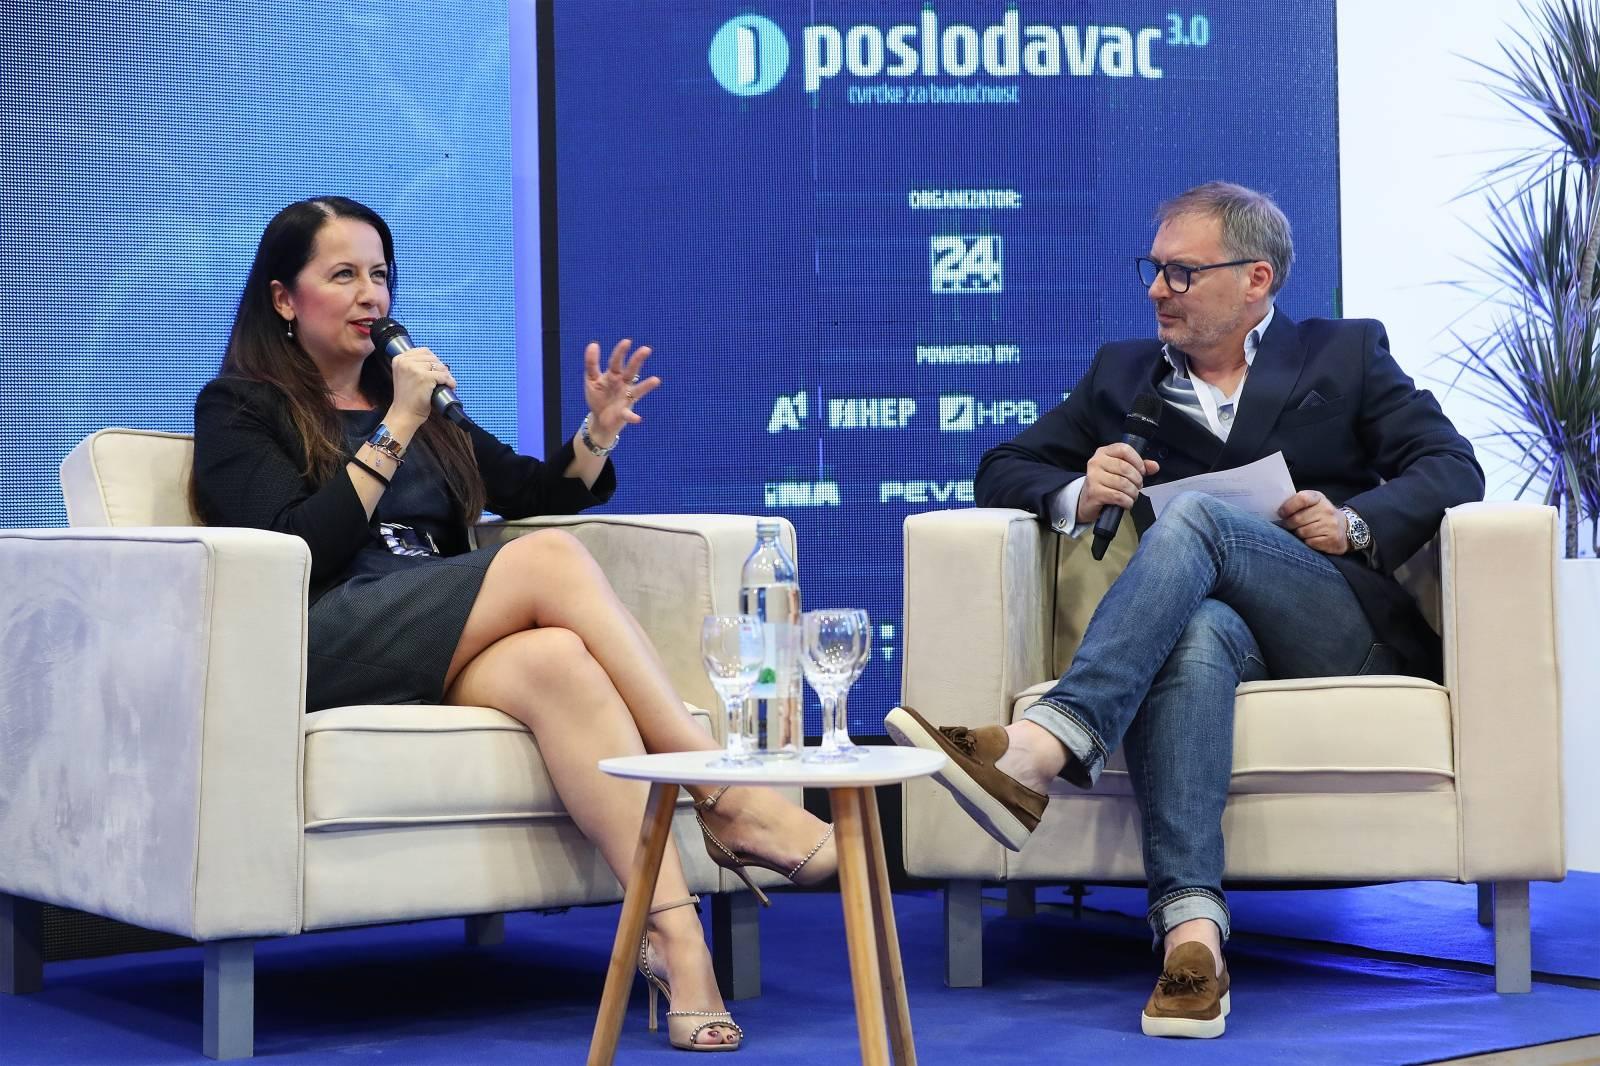 Zagreb: Predavanje Irene Webwen na konferenciji Poslodavac 3.0